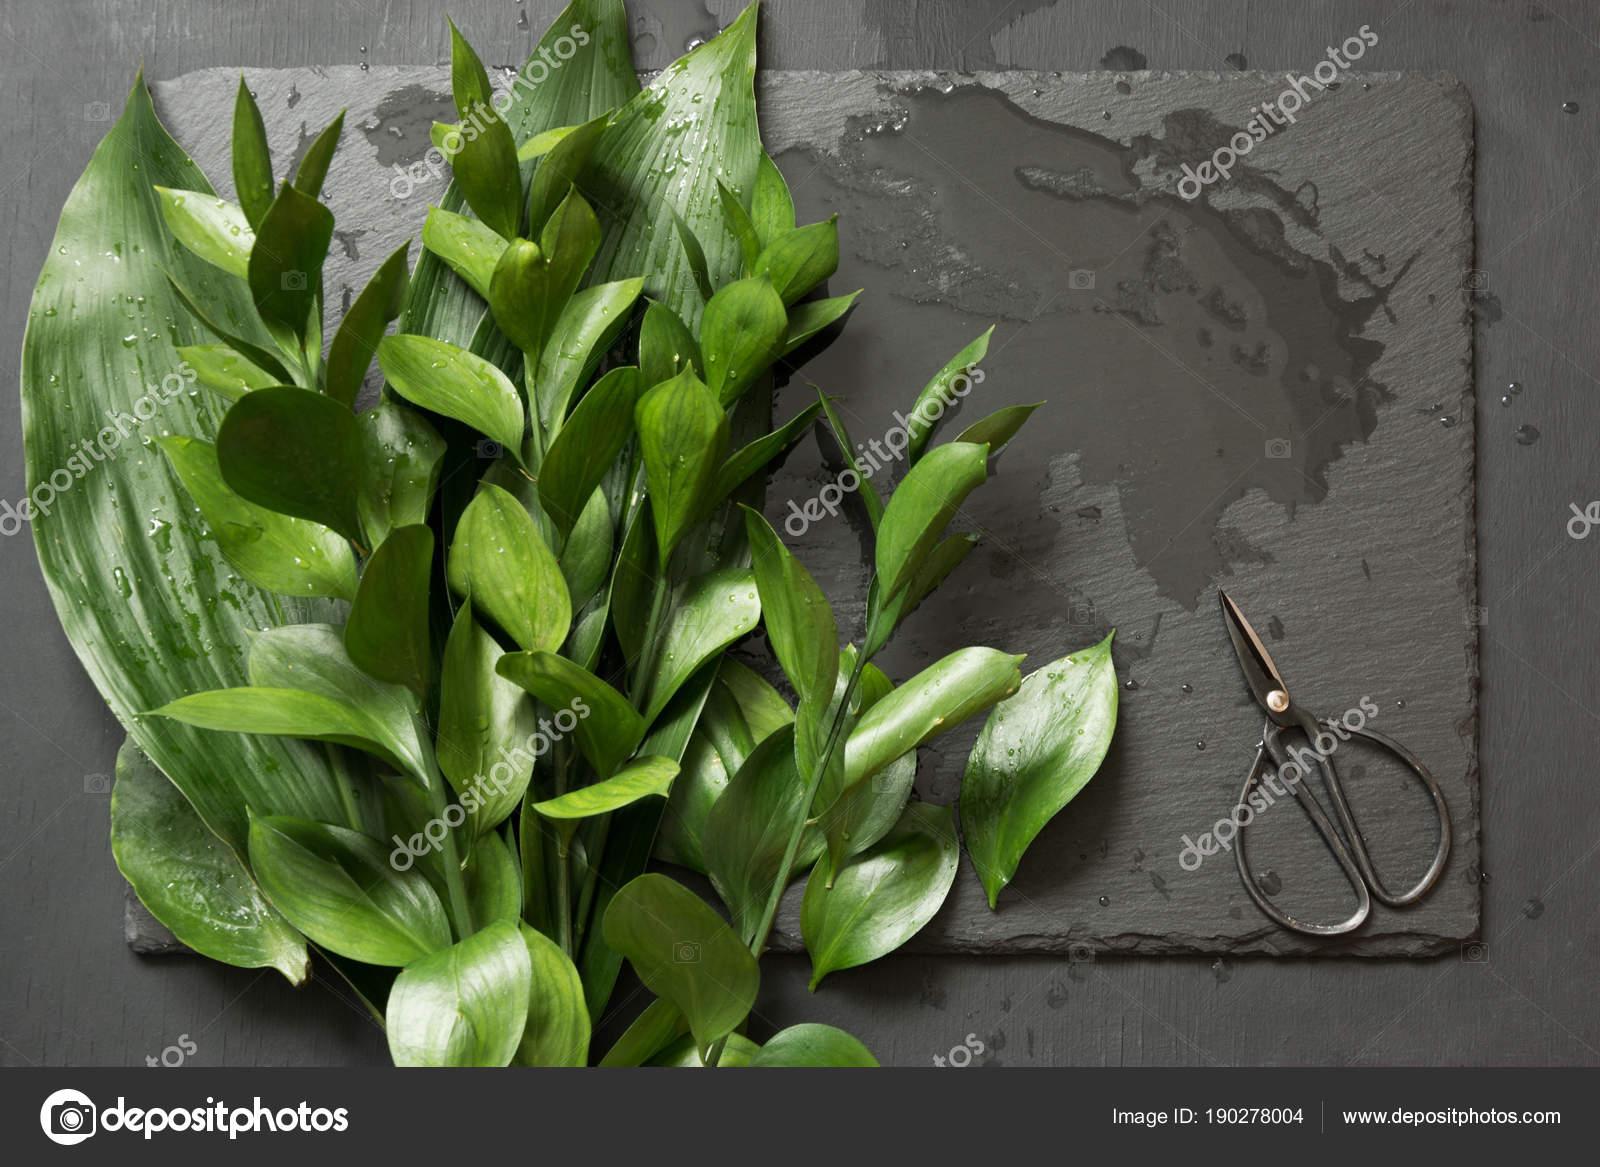 Mazzo Di Fiori Verdi.Green Leaves With Bonsai Scissors For Floristics On Wet Table